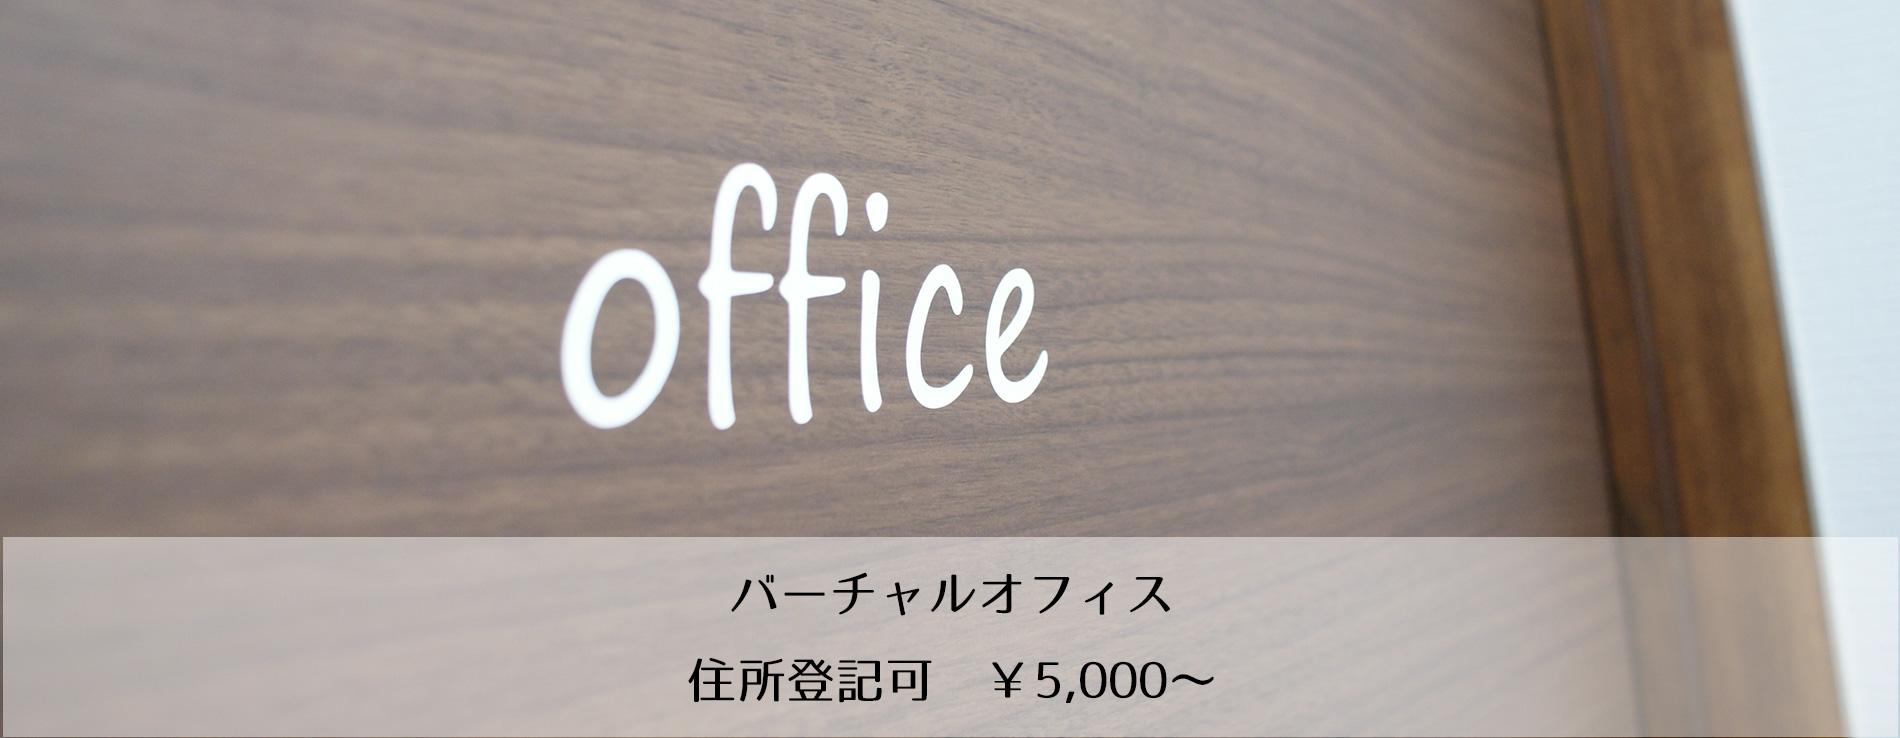 バーチャルオフィス住所登記可 ¥5,000~